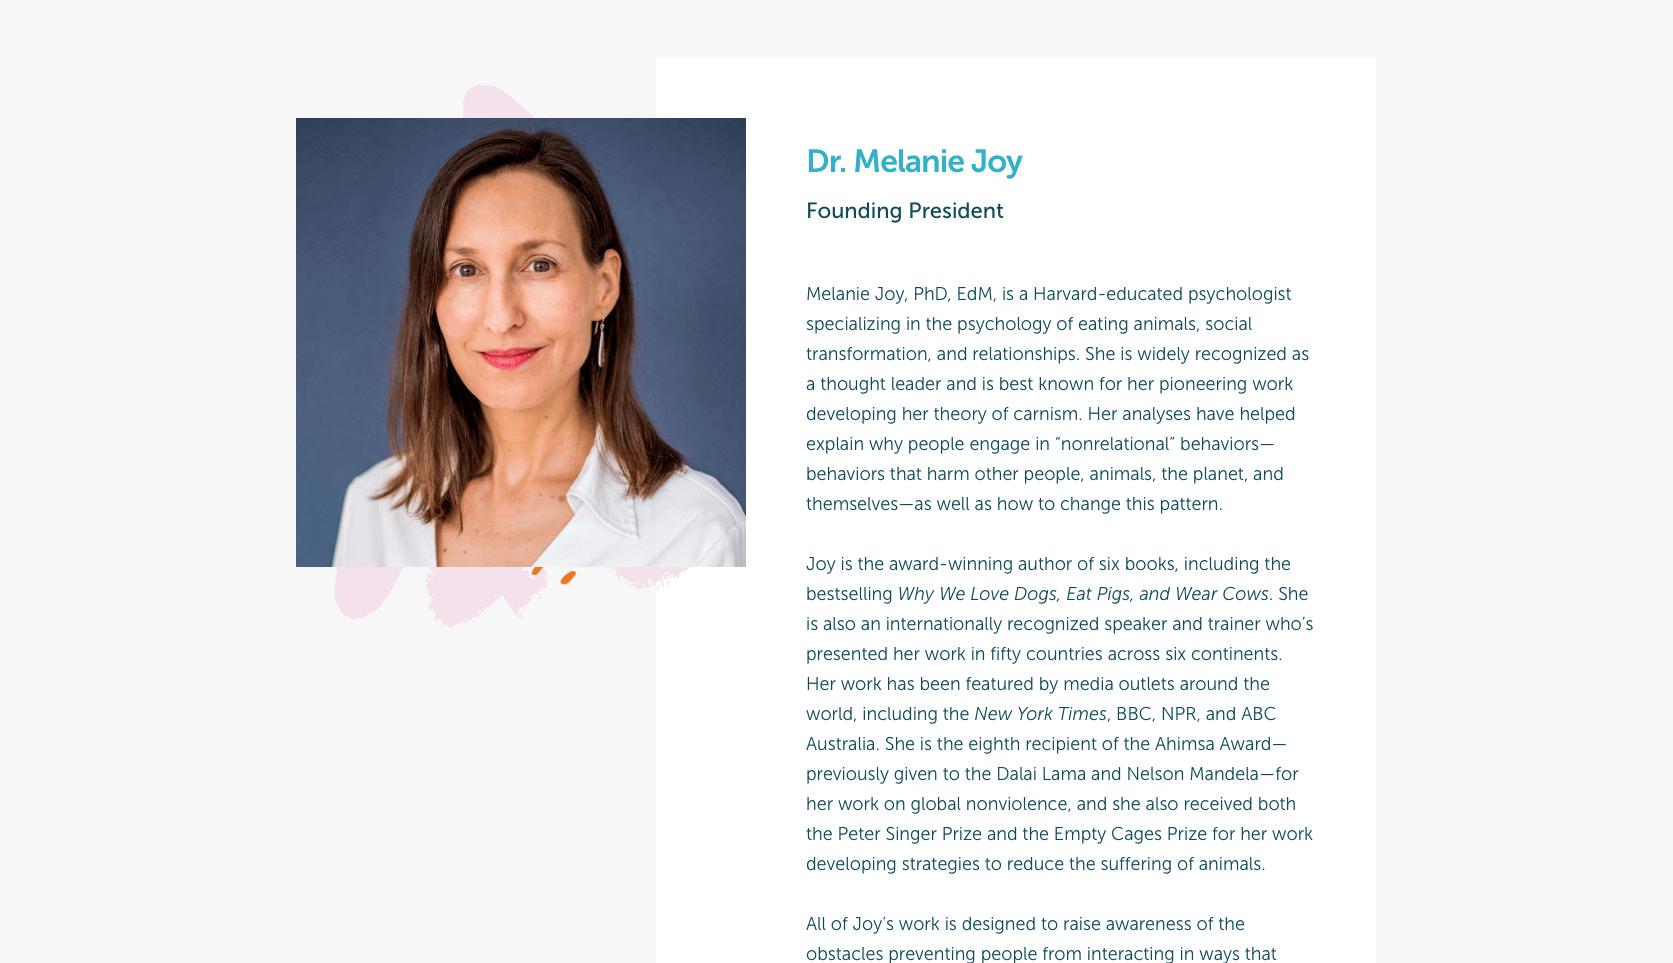 Melanie Joy - Founder of carnism.org